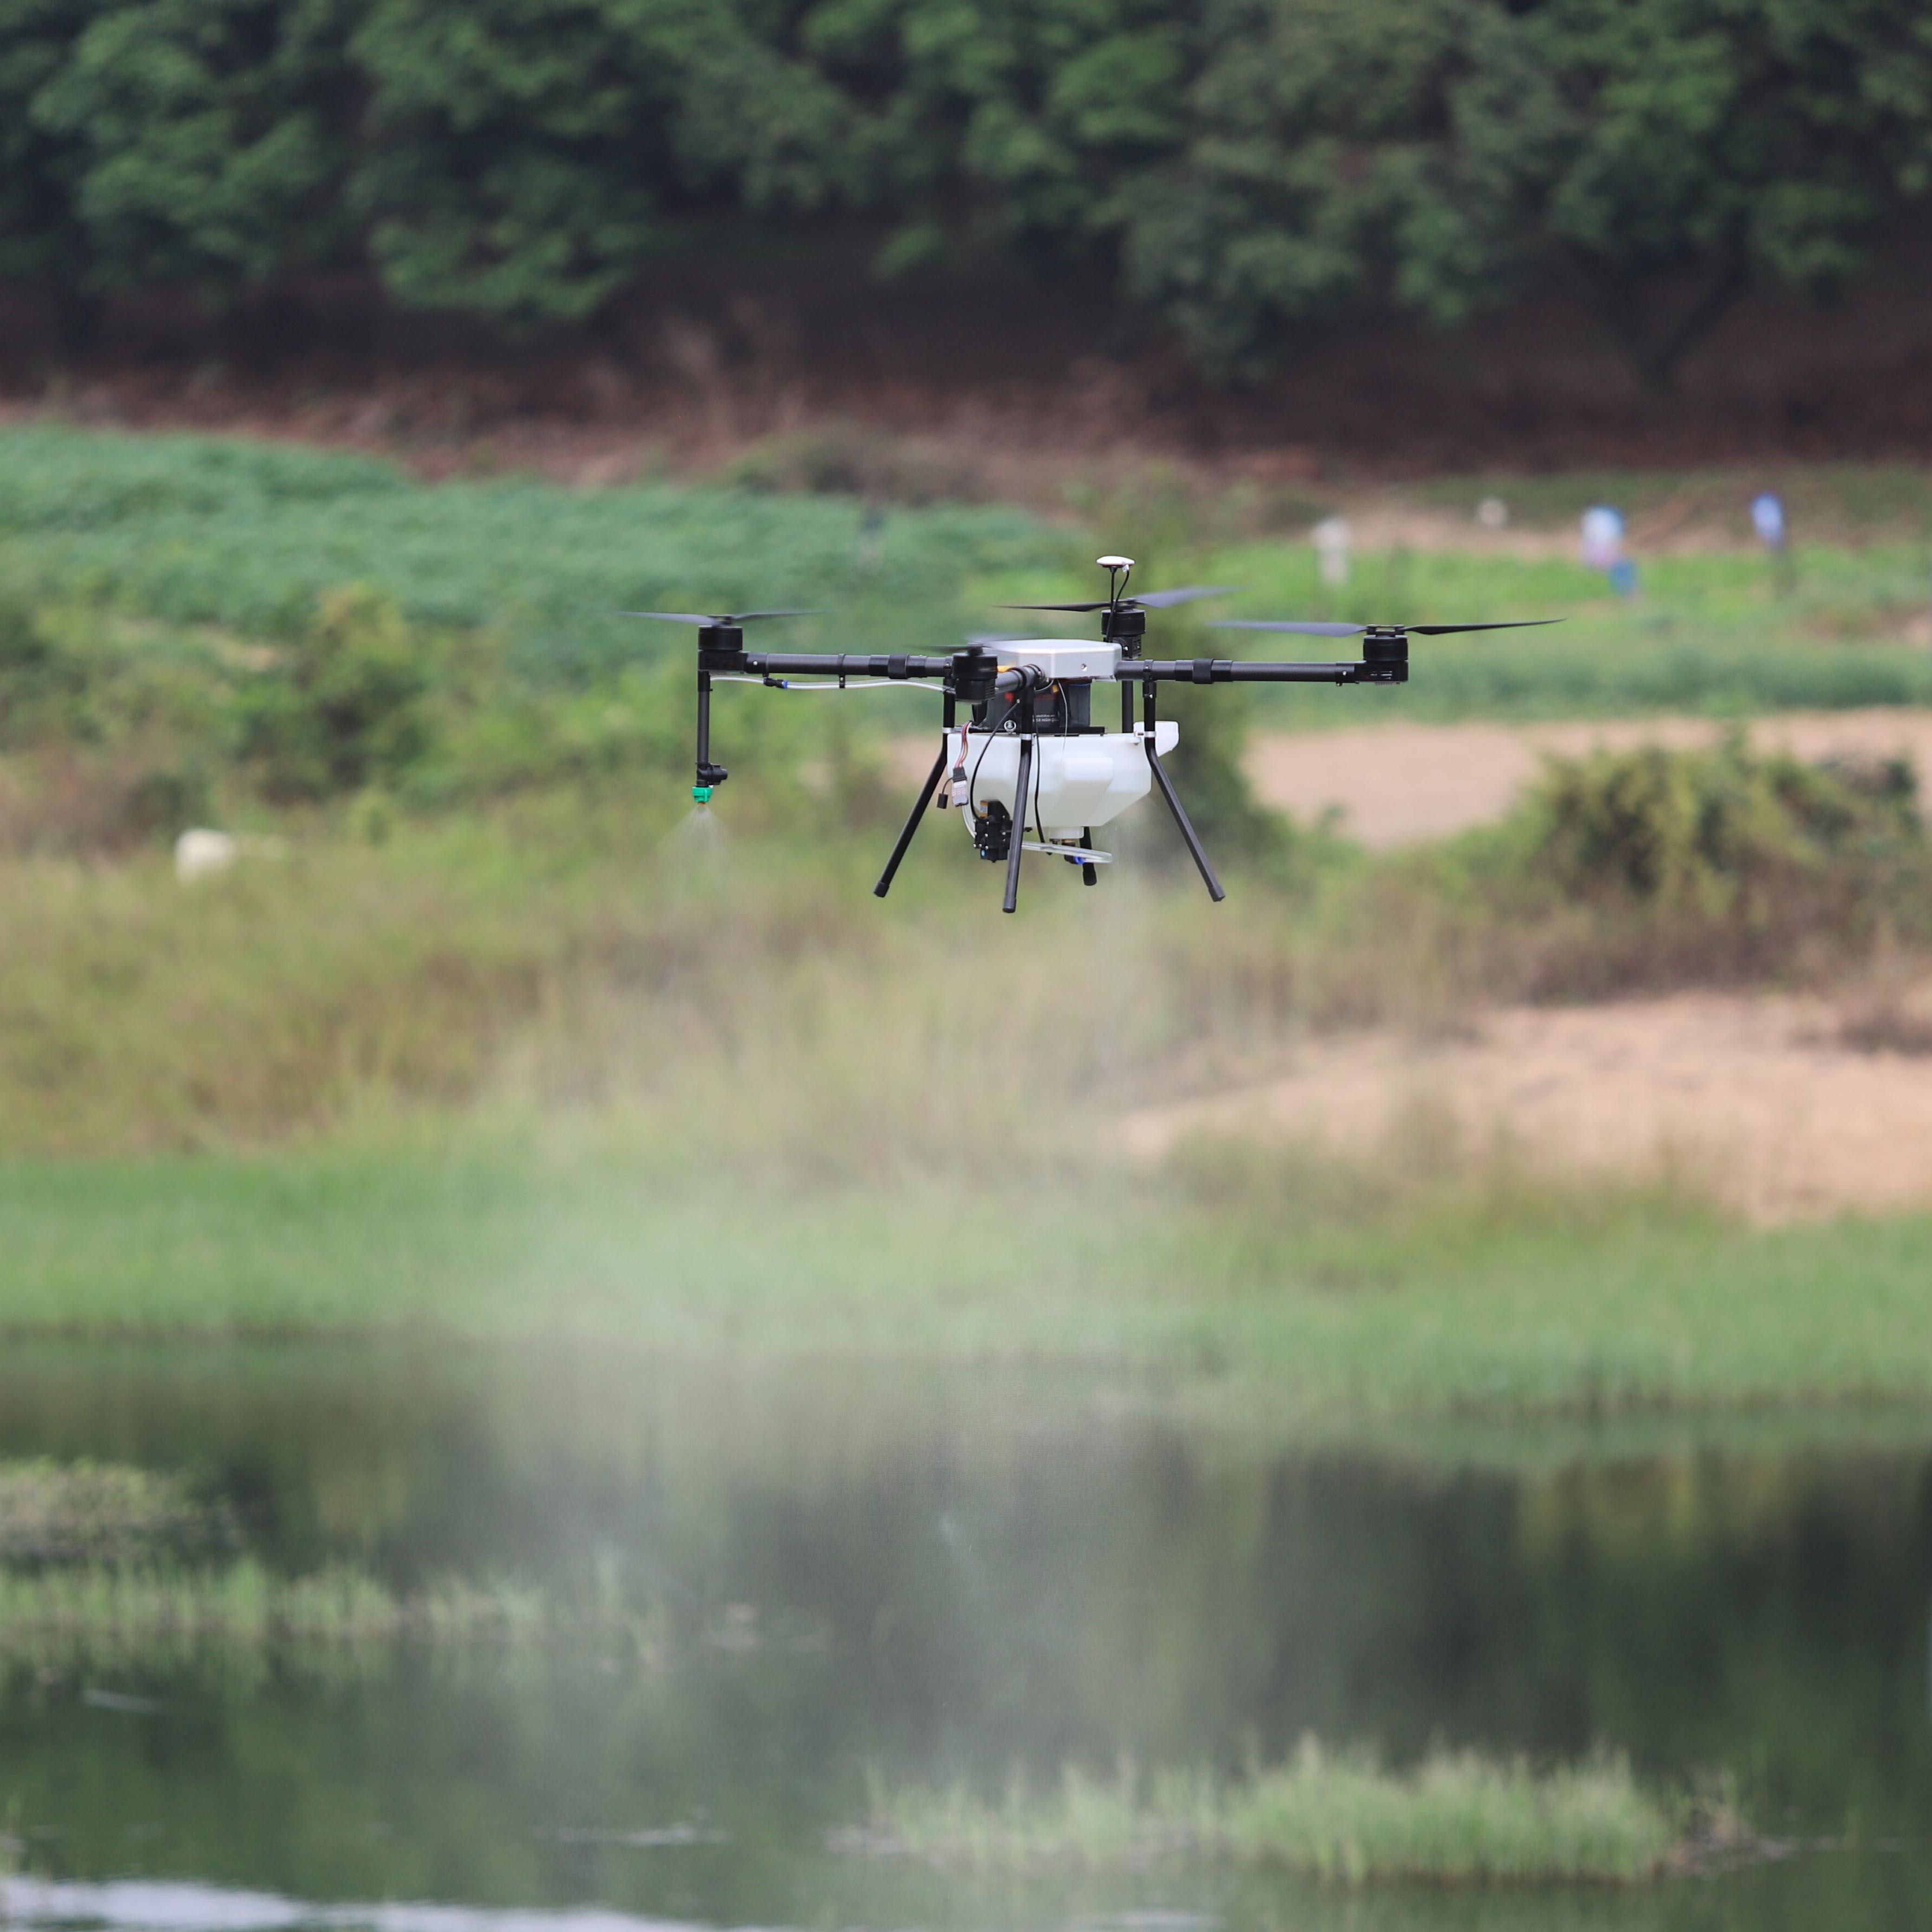 Zangão da agricultura 5l 5 kg para o pulverizador, dron da colheita com gps pulverizando automaticamente com asa de dobramento, zangão do pulverizador do adubo